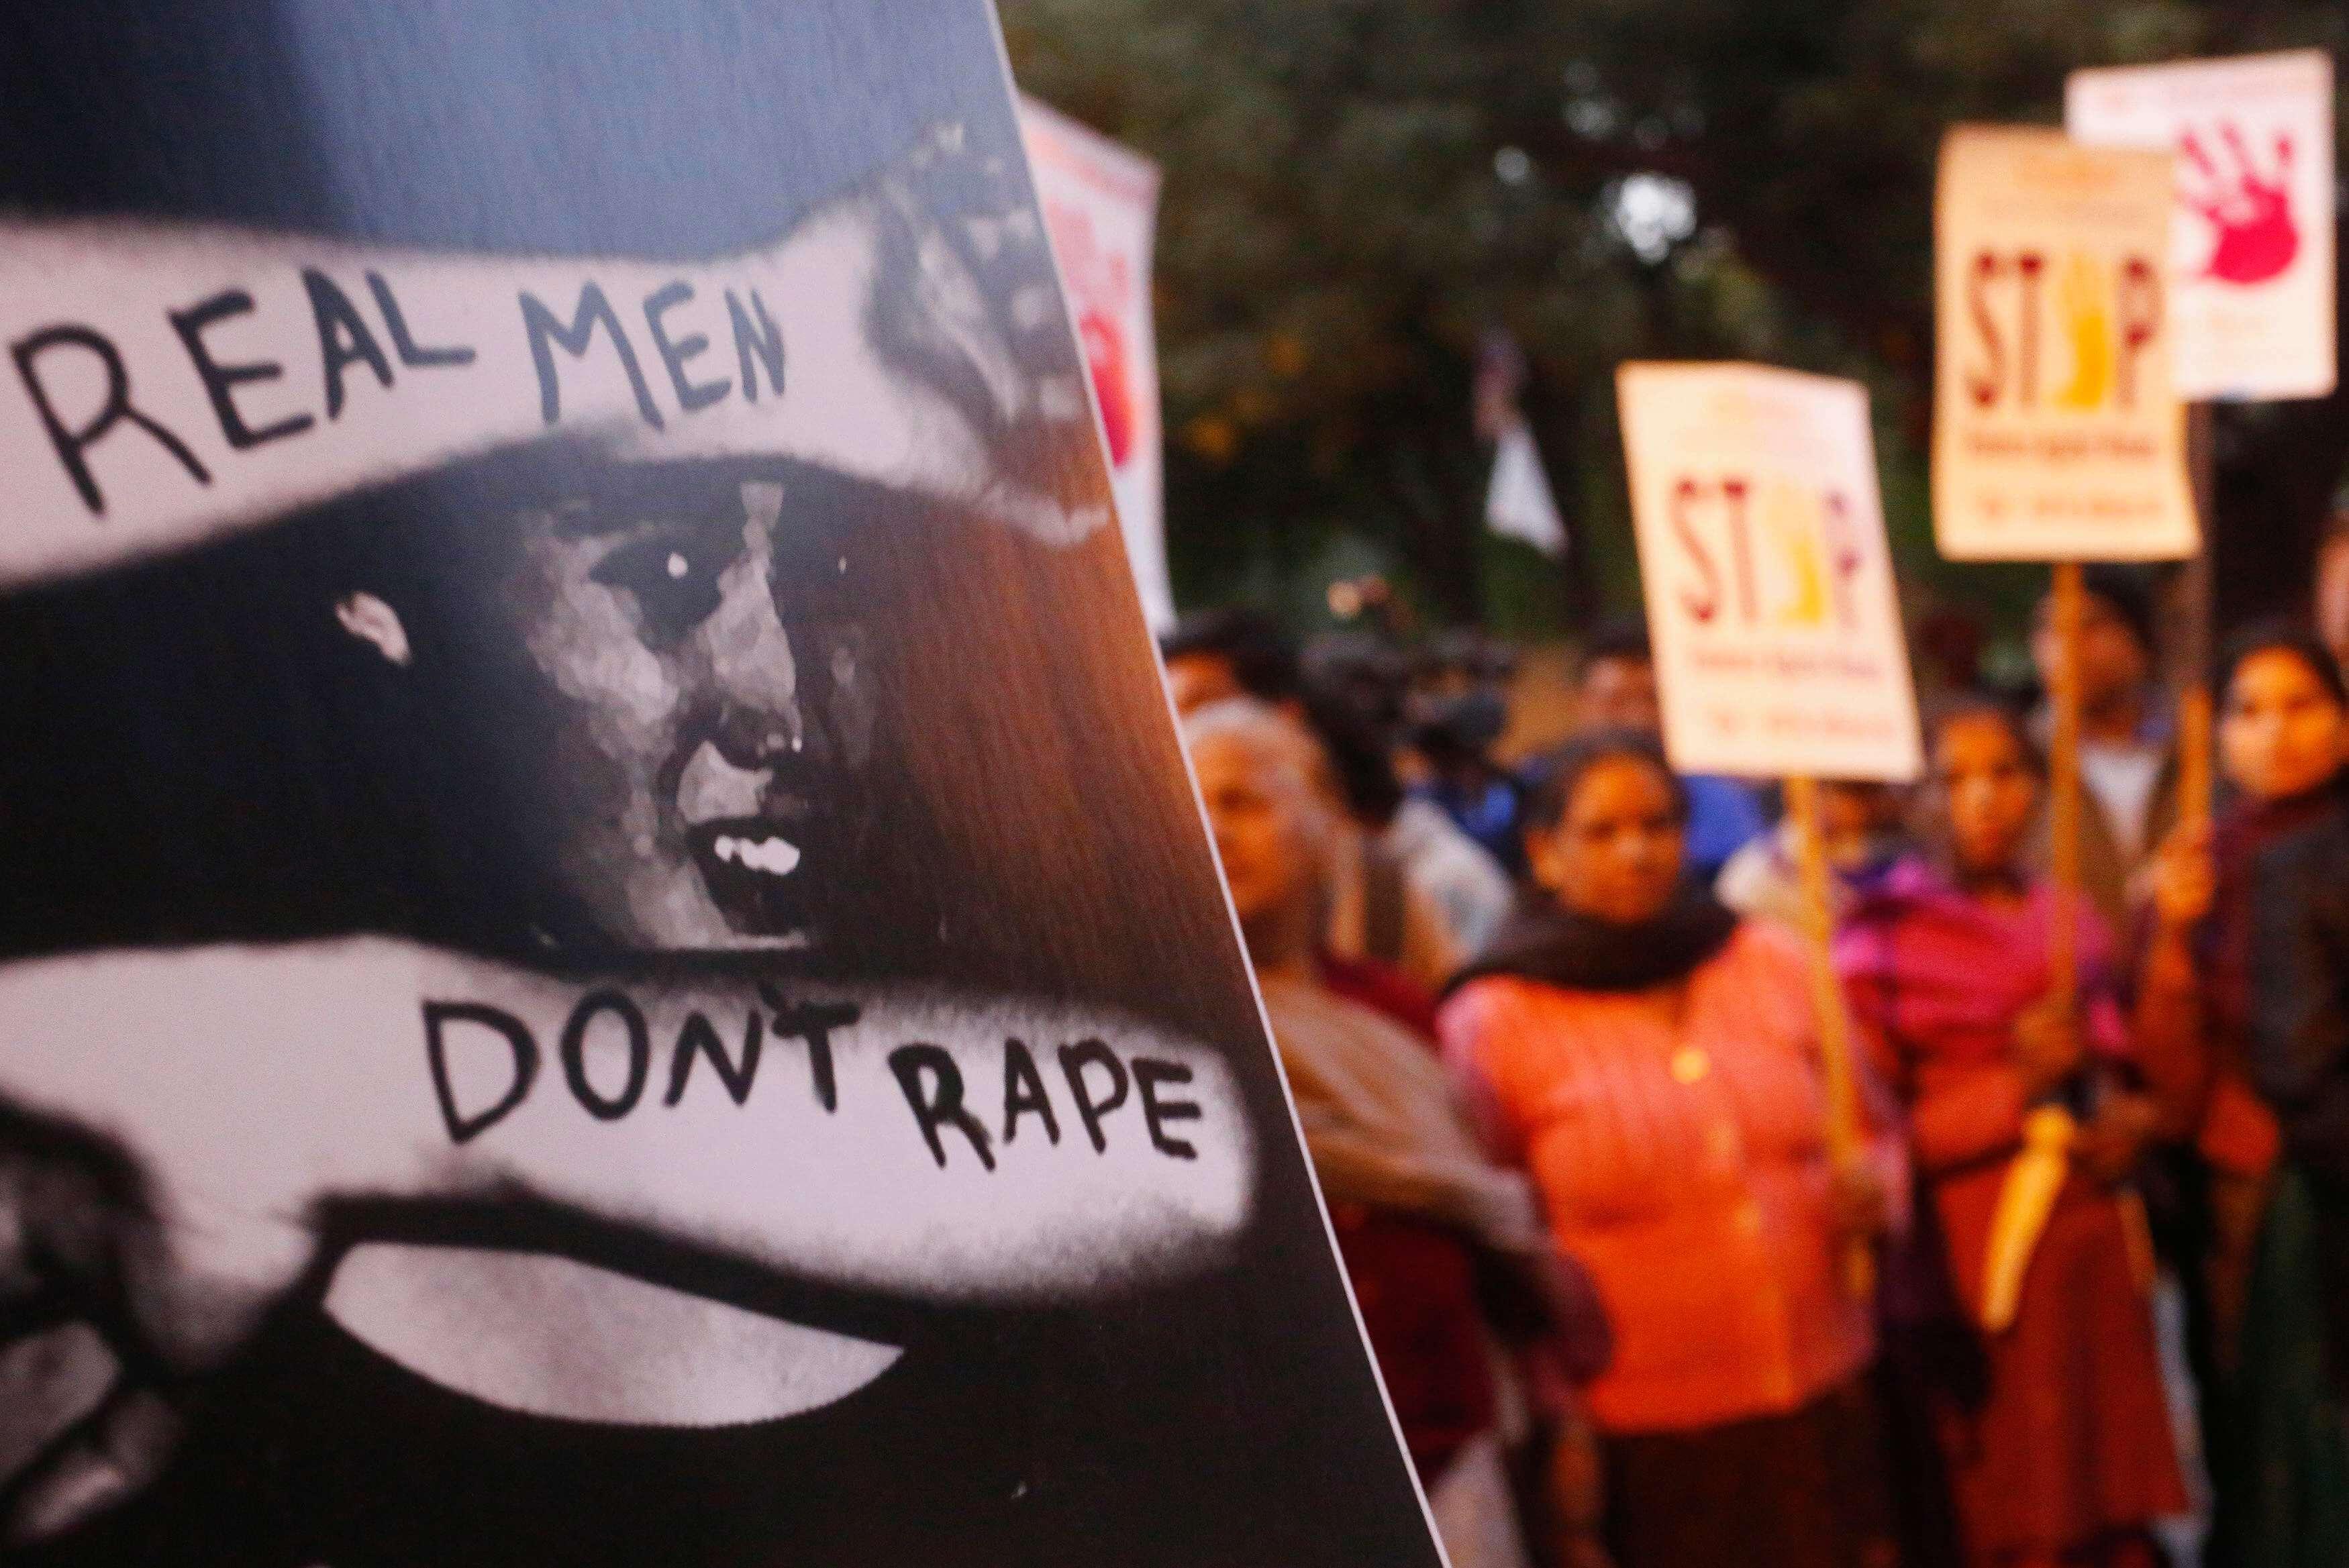 Οργή και φρίκη στην Ινδία – Μαγνητοσκοπούν βιασμούς για να εκβιάζουν φοιτήτριες